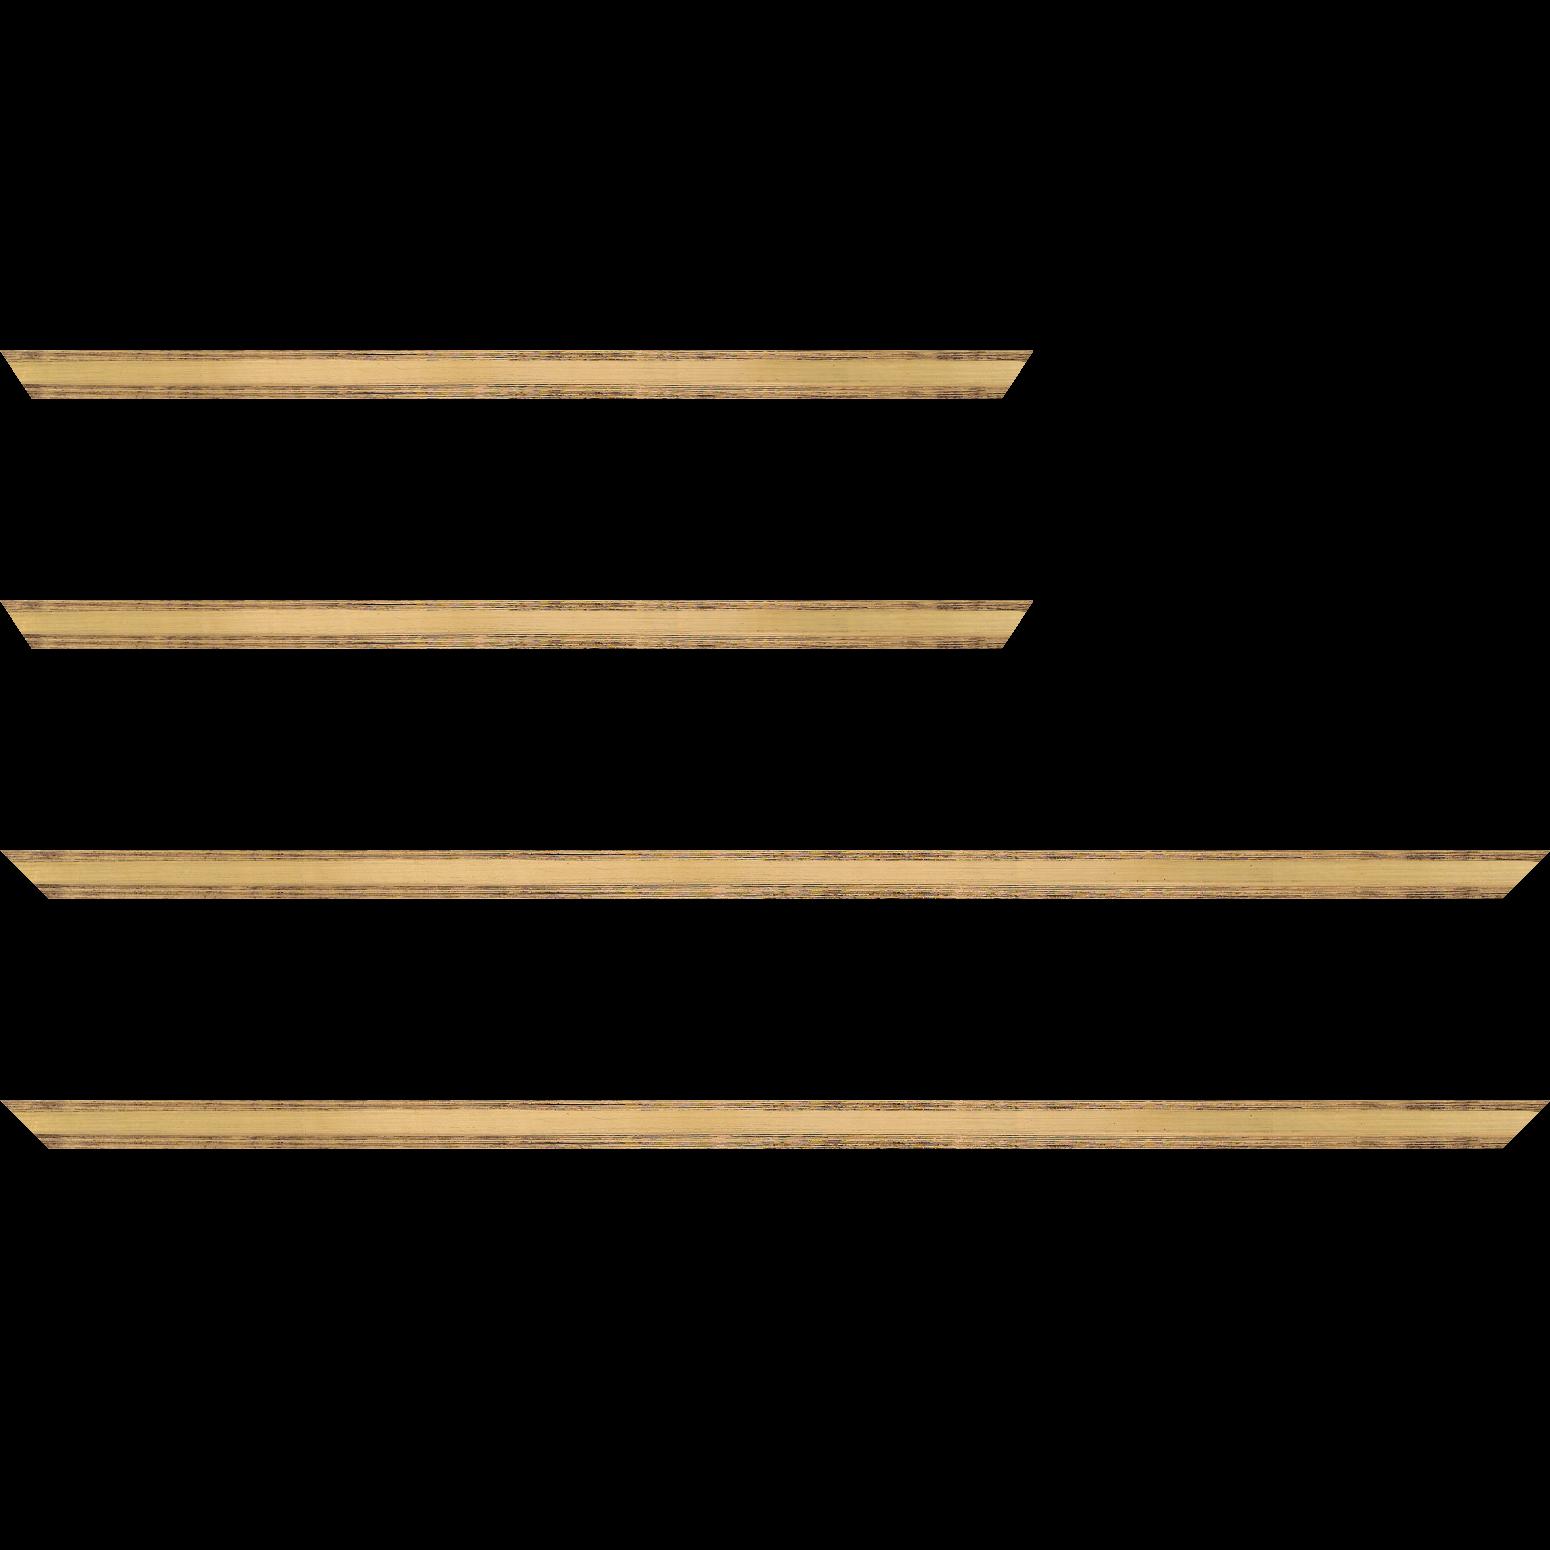 Baguette service précoupé Bois profil plat en pente largeur 1.4cm couleur or coté extérieur foncé. finition haut de gamme car dorure à l'eau fait main